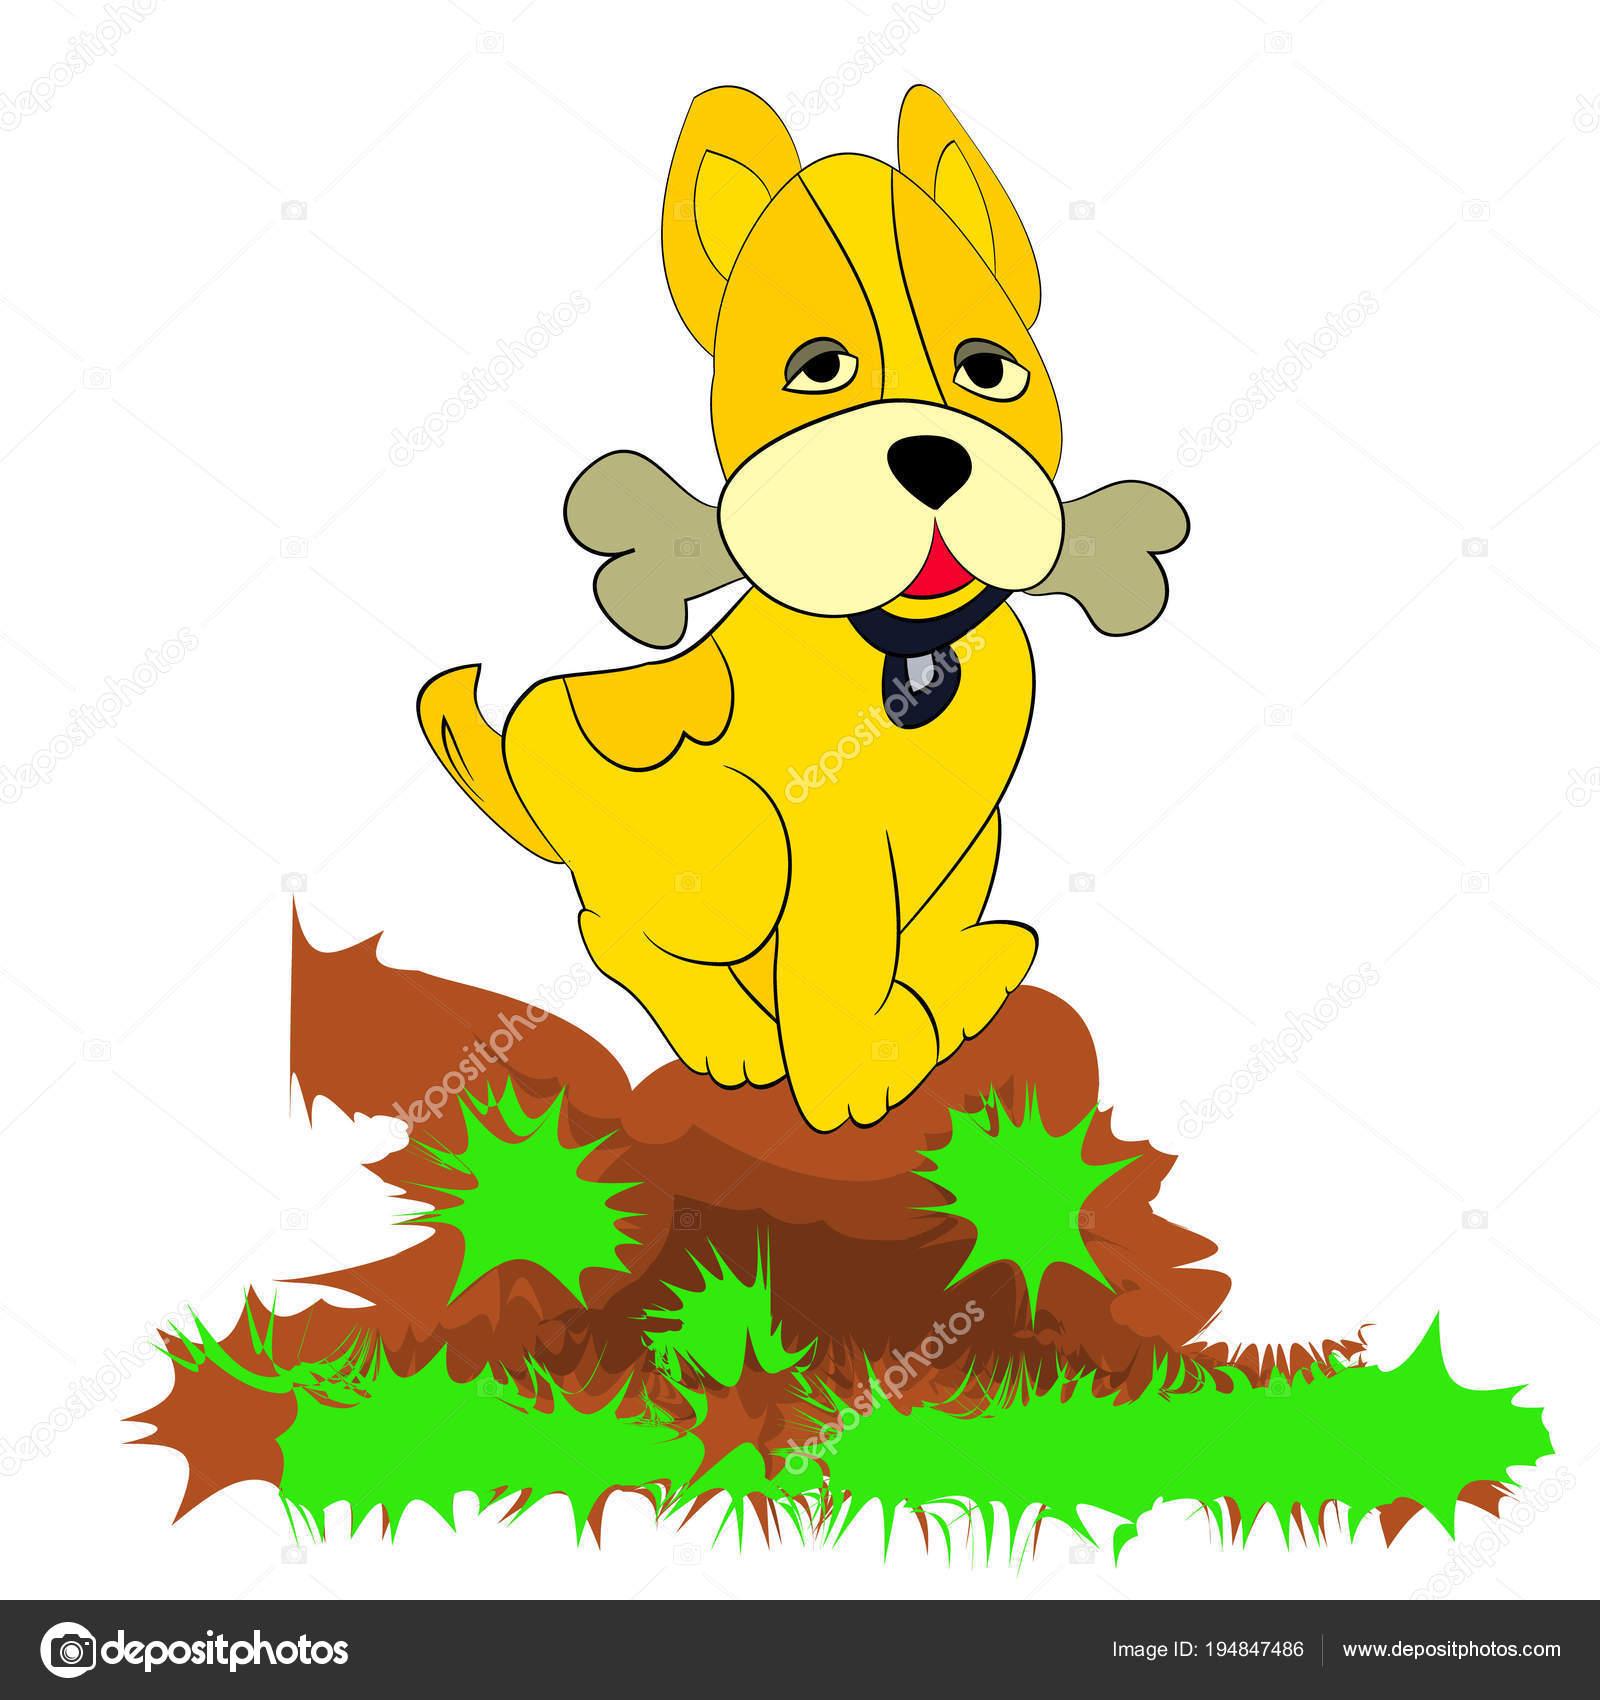 Dessin Humoristique Chien chien jaune ludique dans les dents dessin humoristique sur